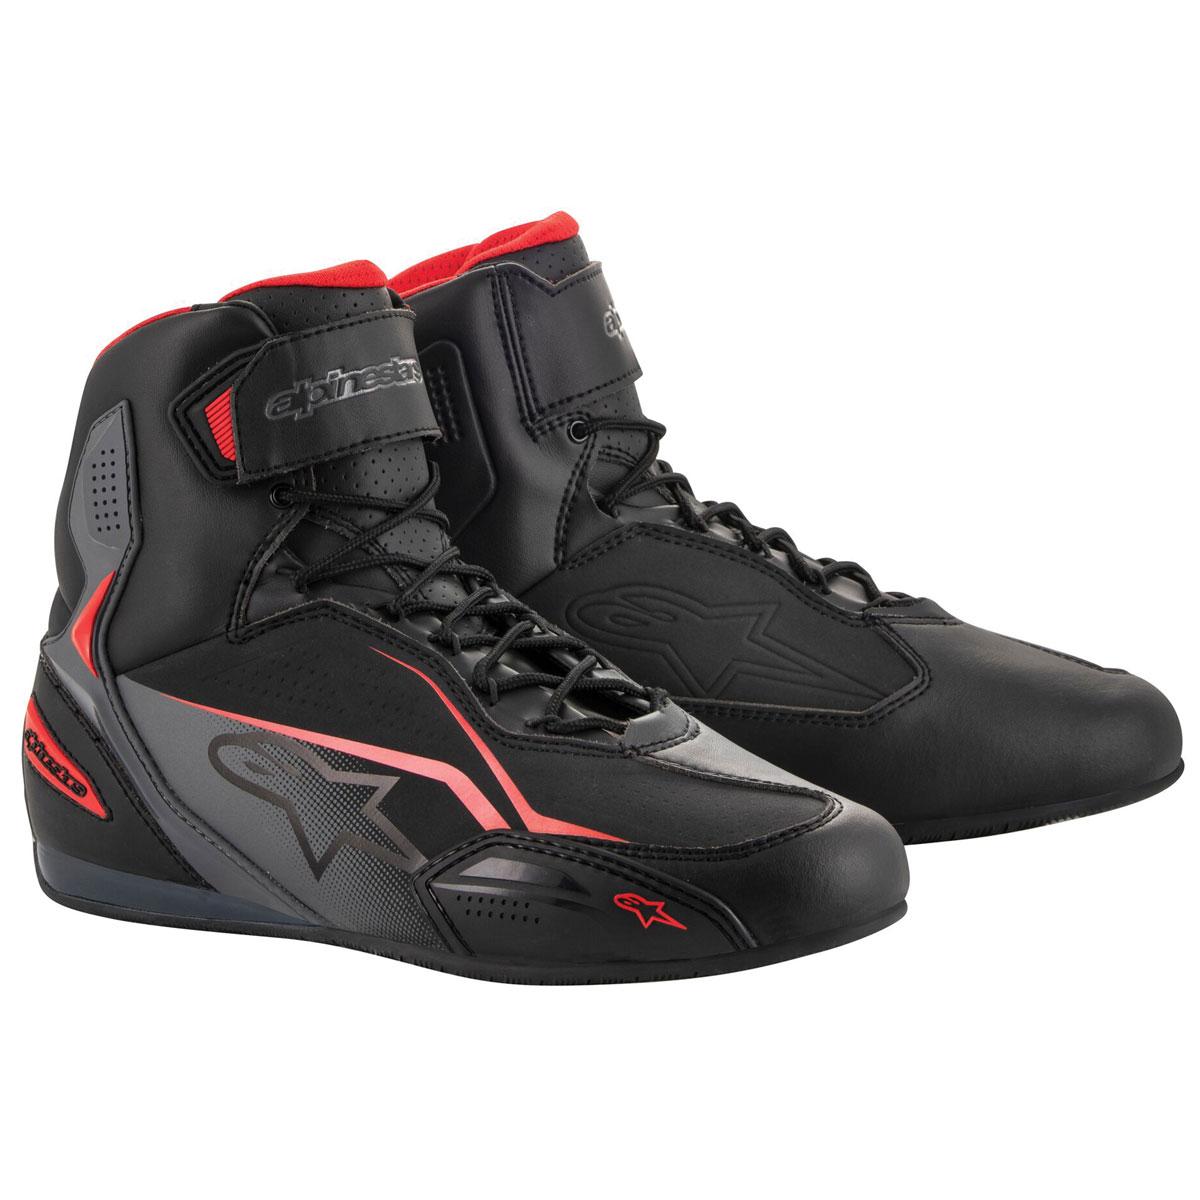 Alpinestars Men's Faster-3 Black/Gray/Red Boots